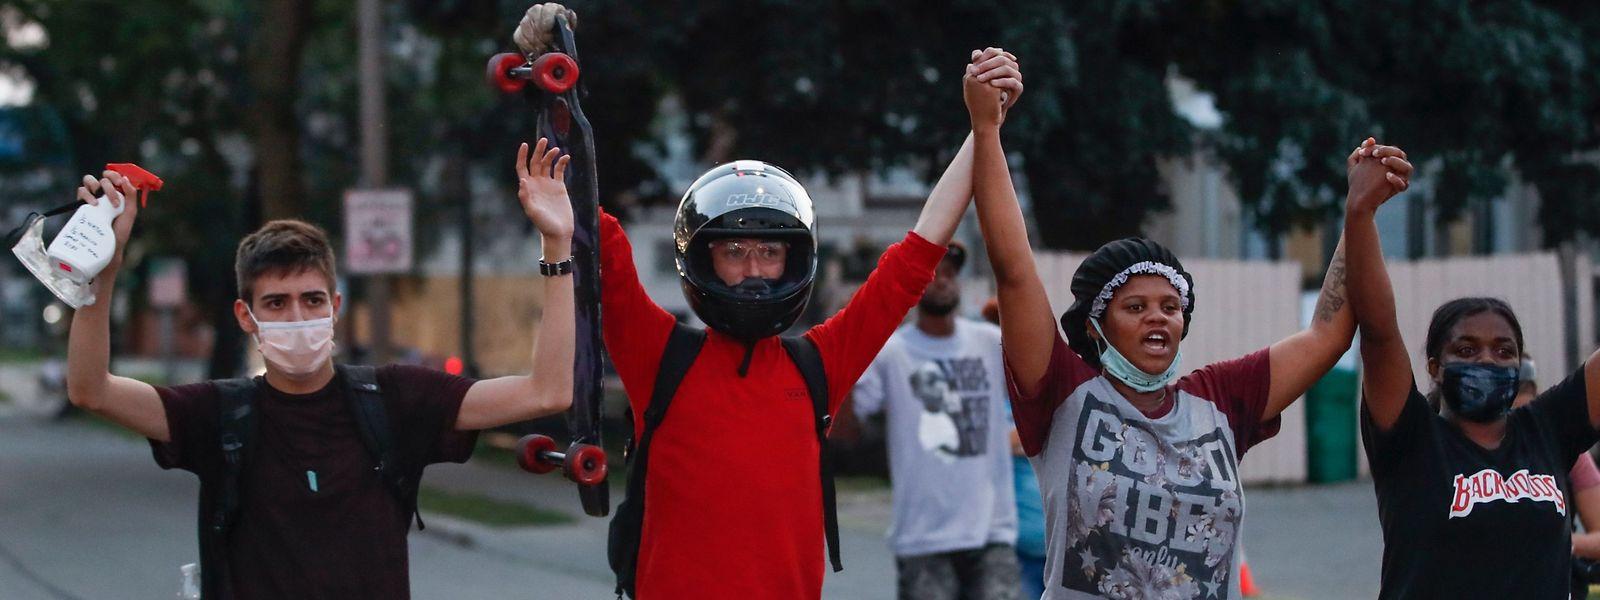 Friedliche Demonstranten kommen am Donnerstag in Kenosha zusammen.